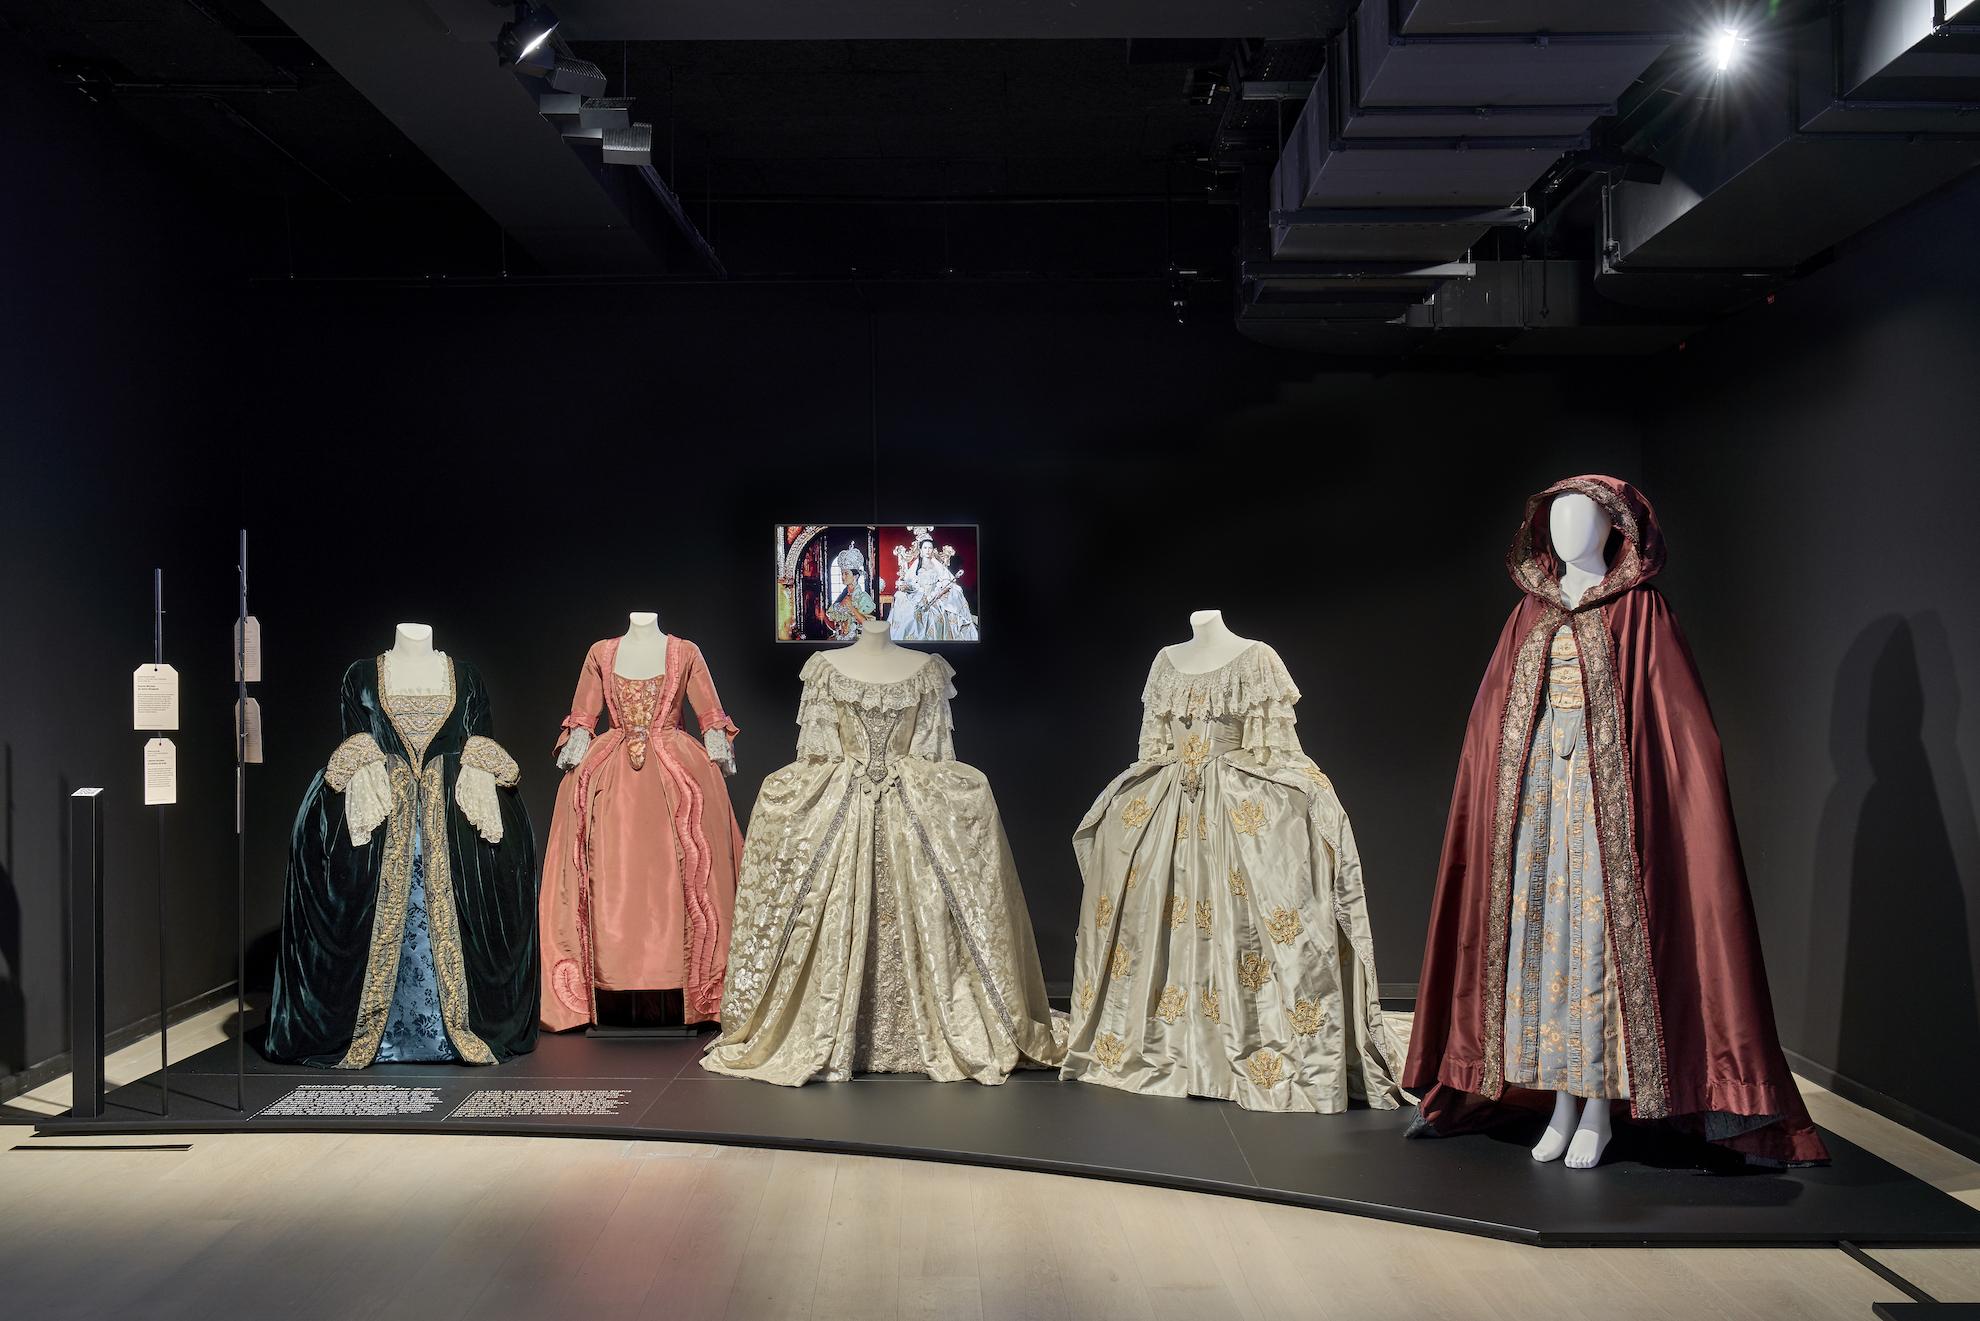 Bühne 8: 5 Kostüme zum Film Katharina die Große